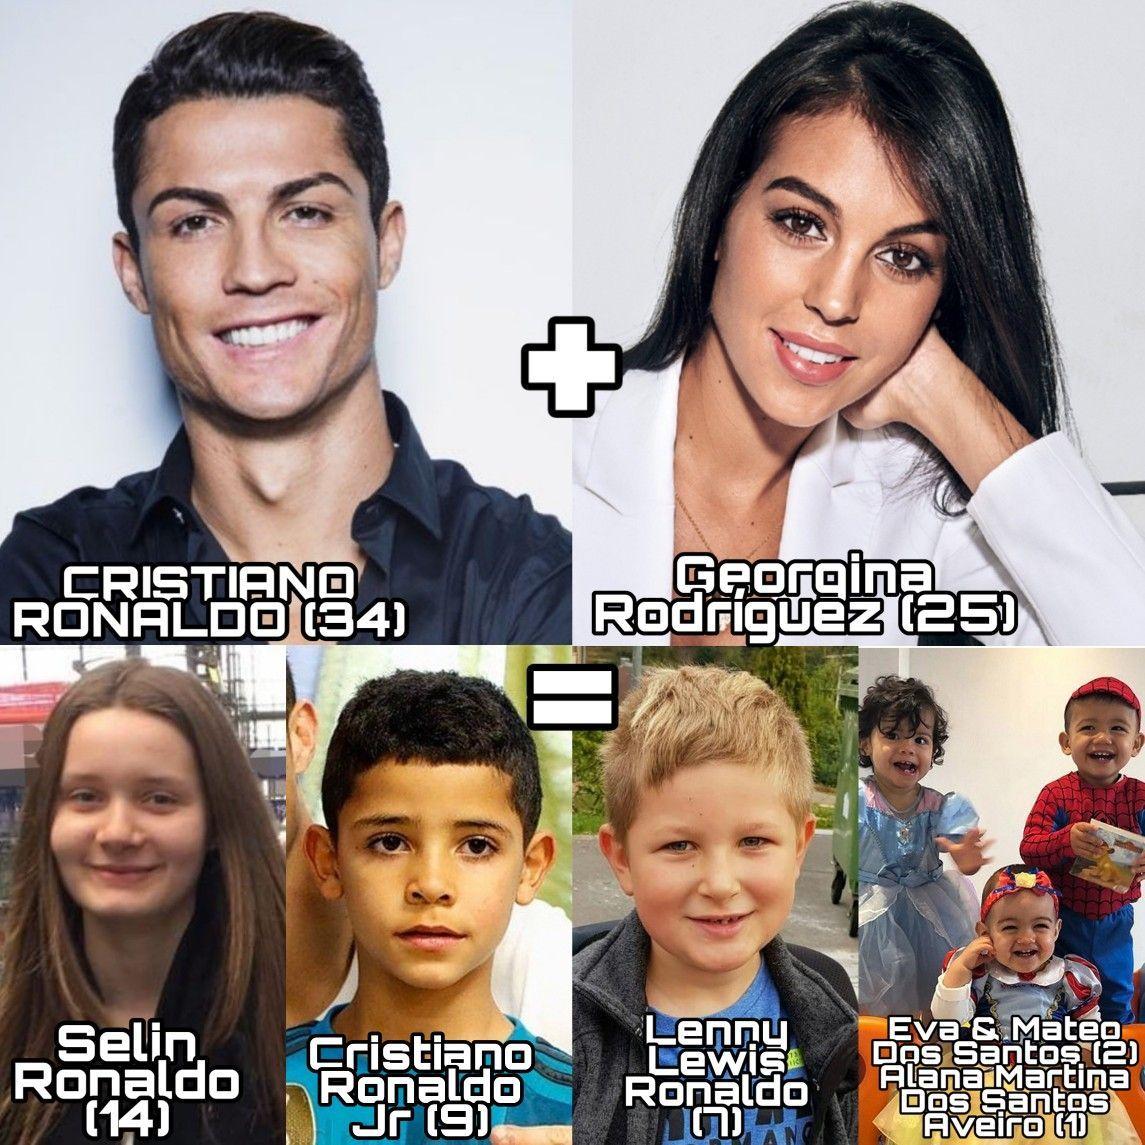 Selin Ronaldo's mother is dead!